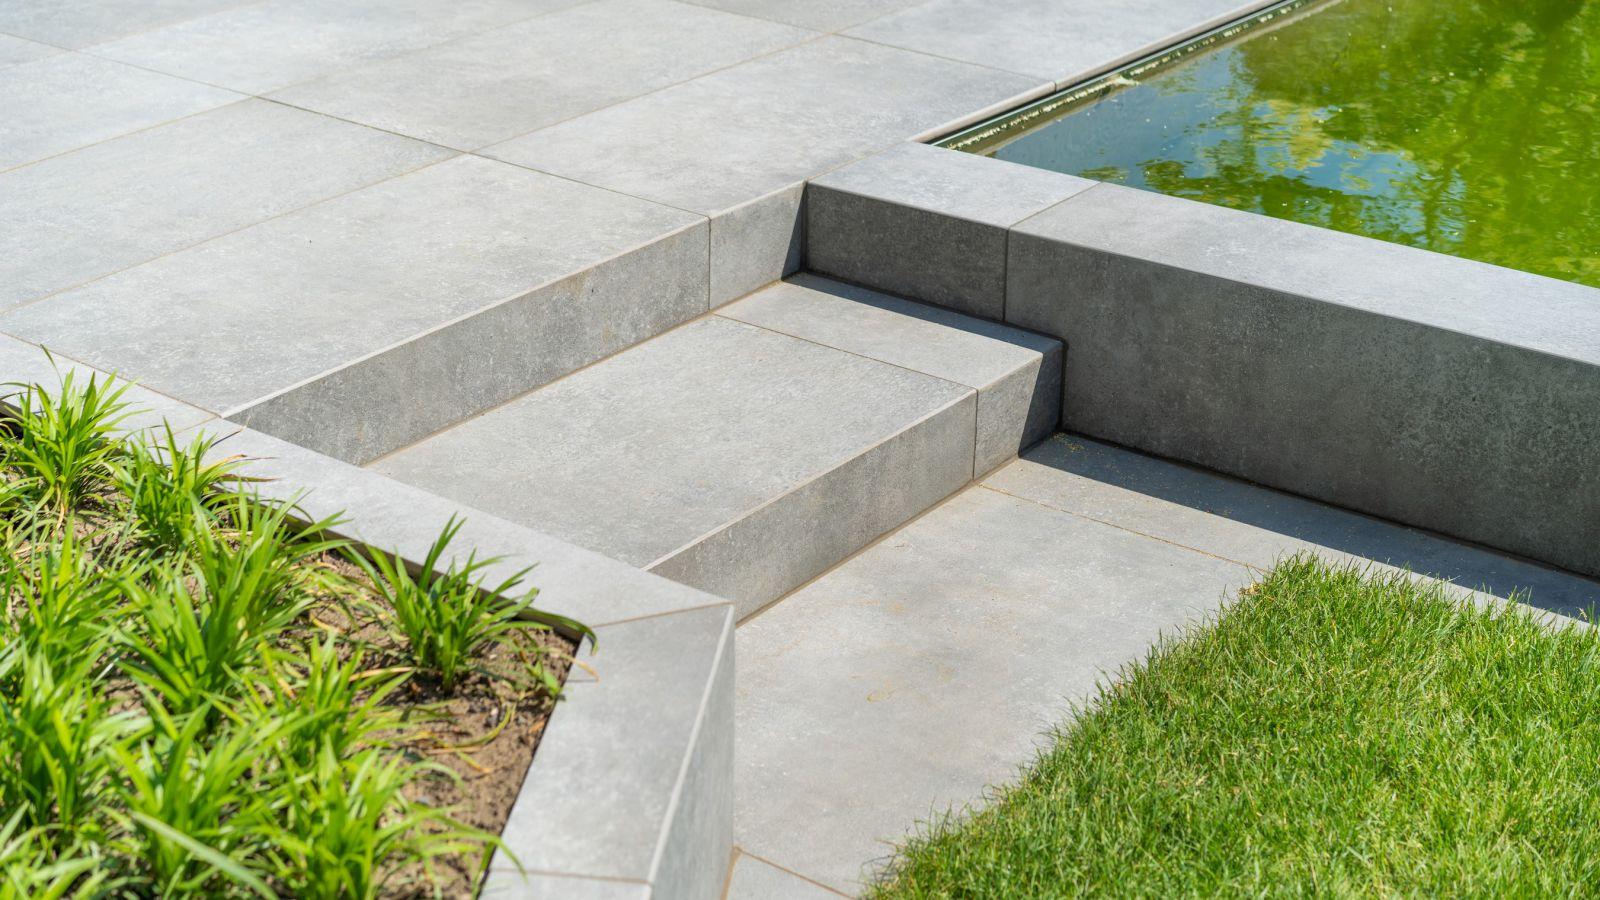 1.7 Lebendiges Grün und elegantes Grau - Designgarten mit Pool in Rhede